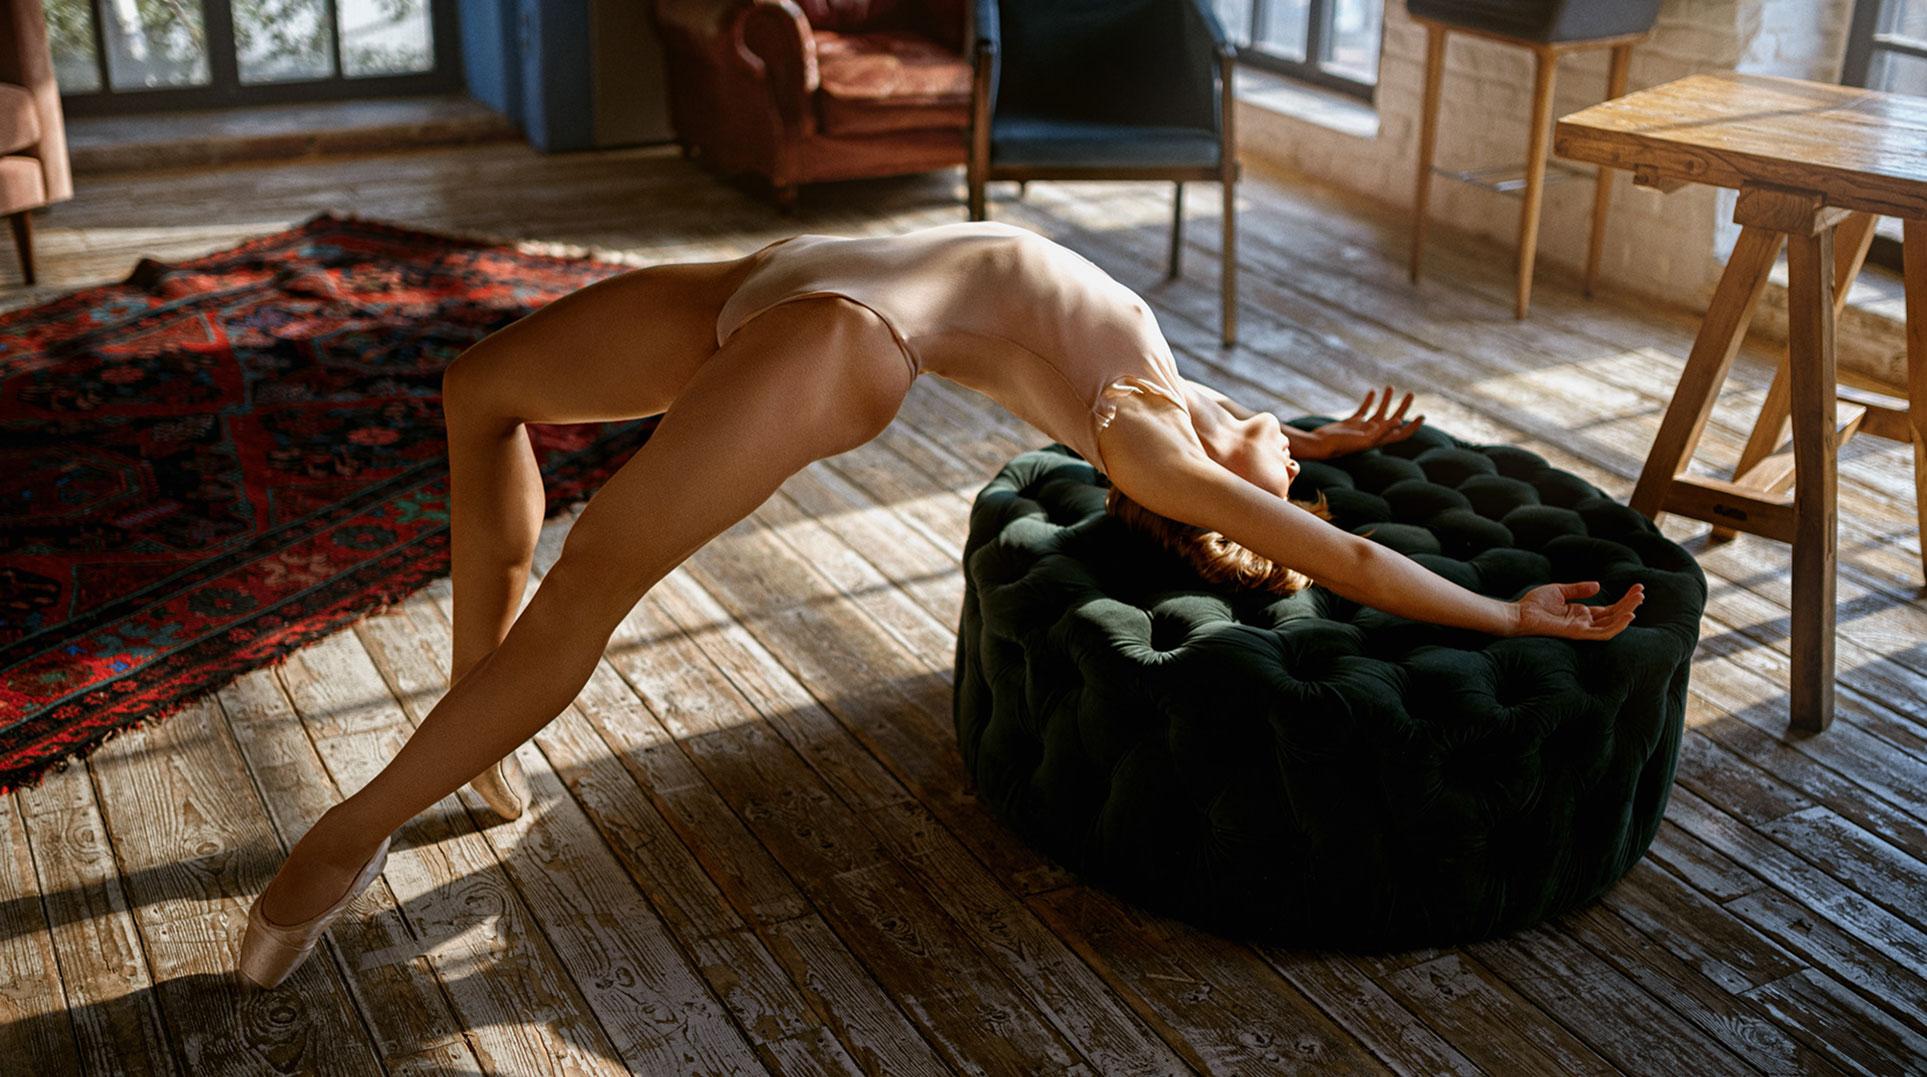 Балерина Анна танцуета сексуальный танец / фото 08